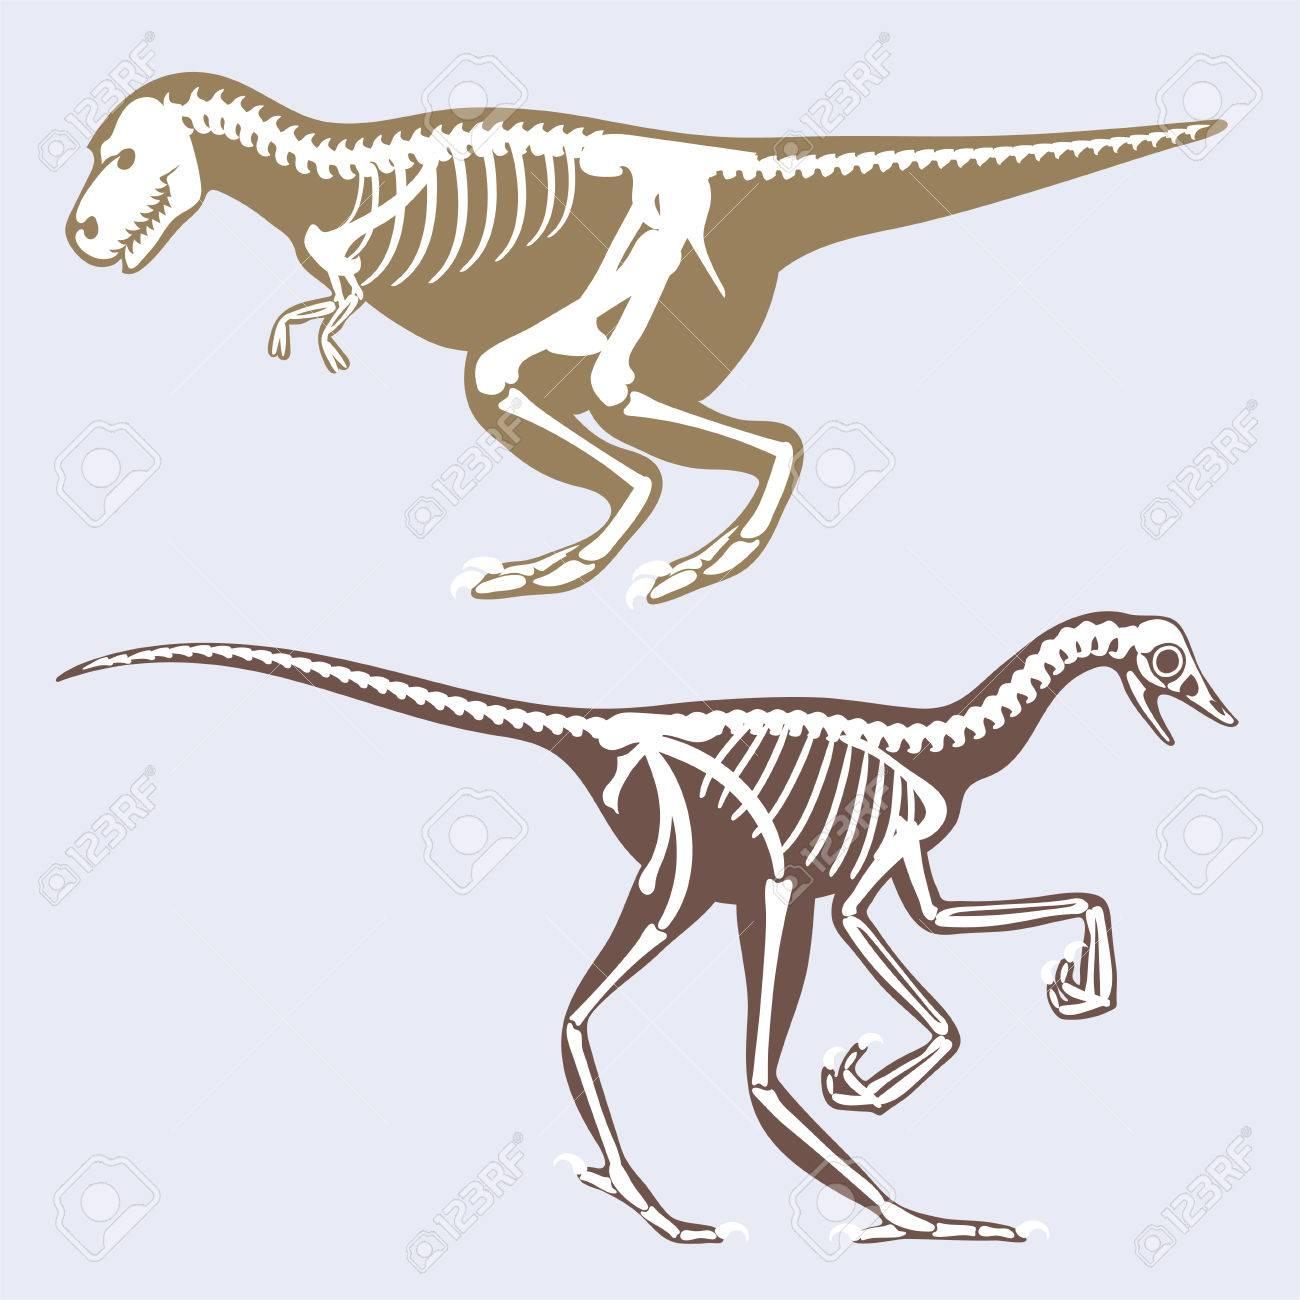 Tolle Dinosaurier Schreibvorlage Galerie - Entry Level Resume ...